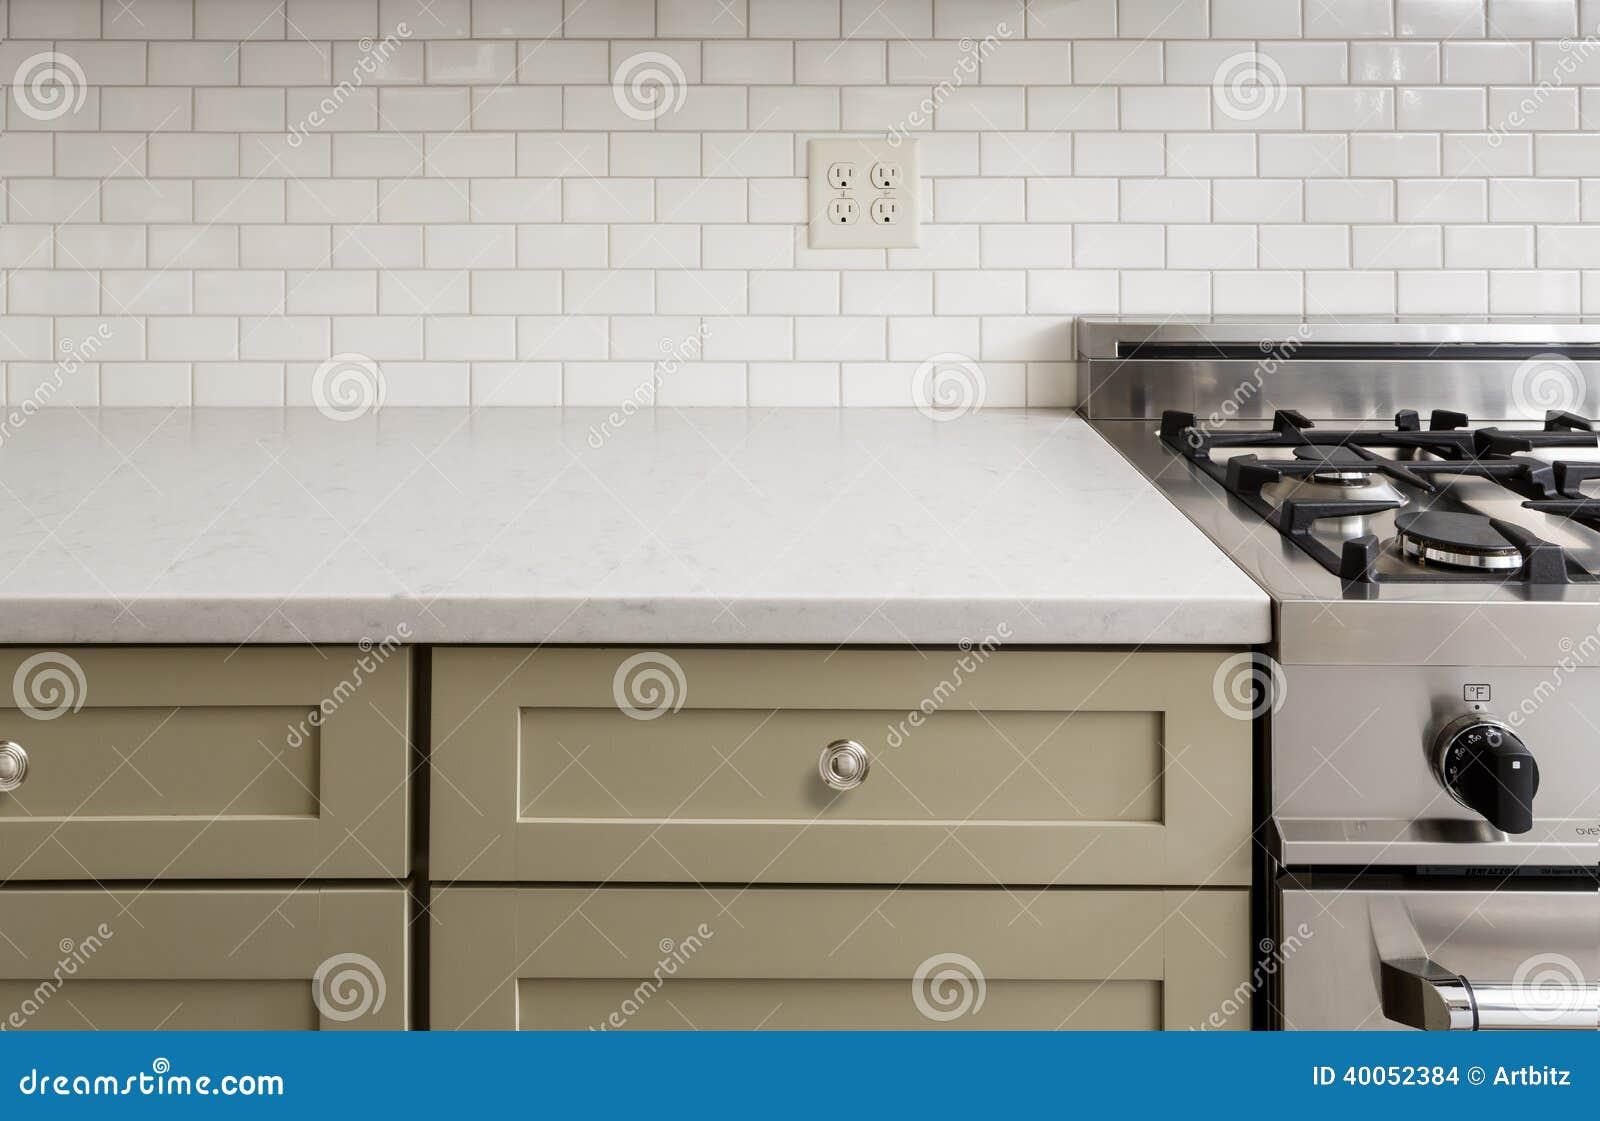 Comptoir de cuisine avec la tuile fourneau de four d La cuisine de comptoir